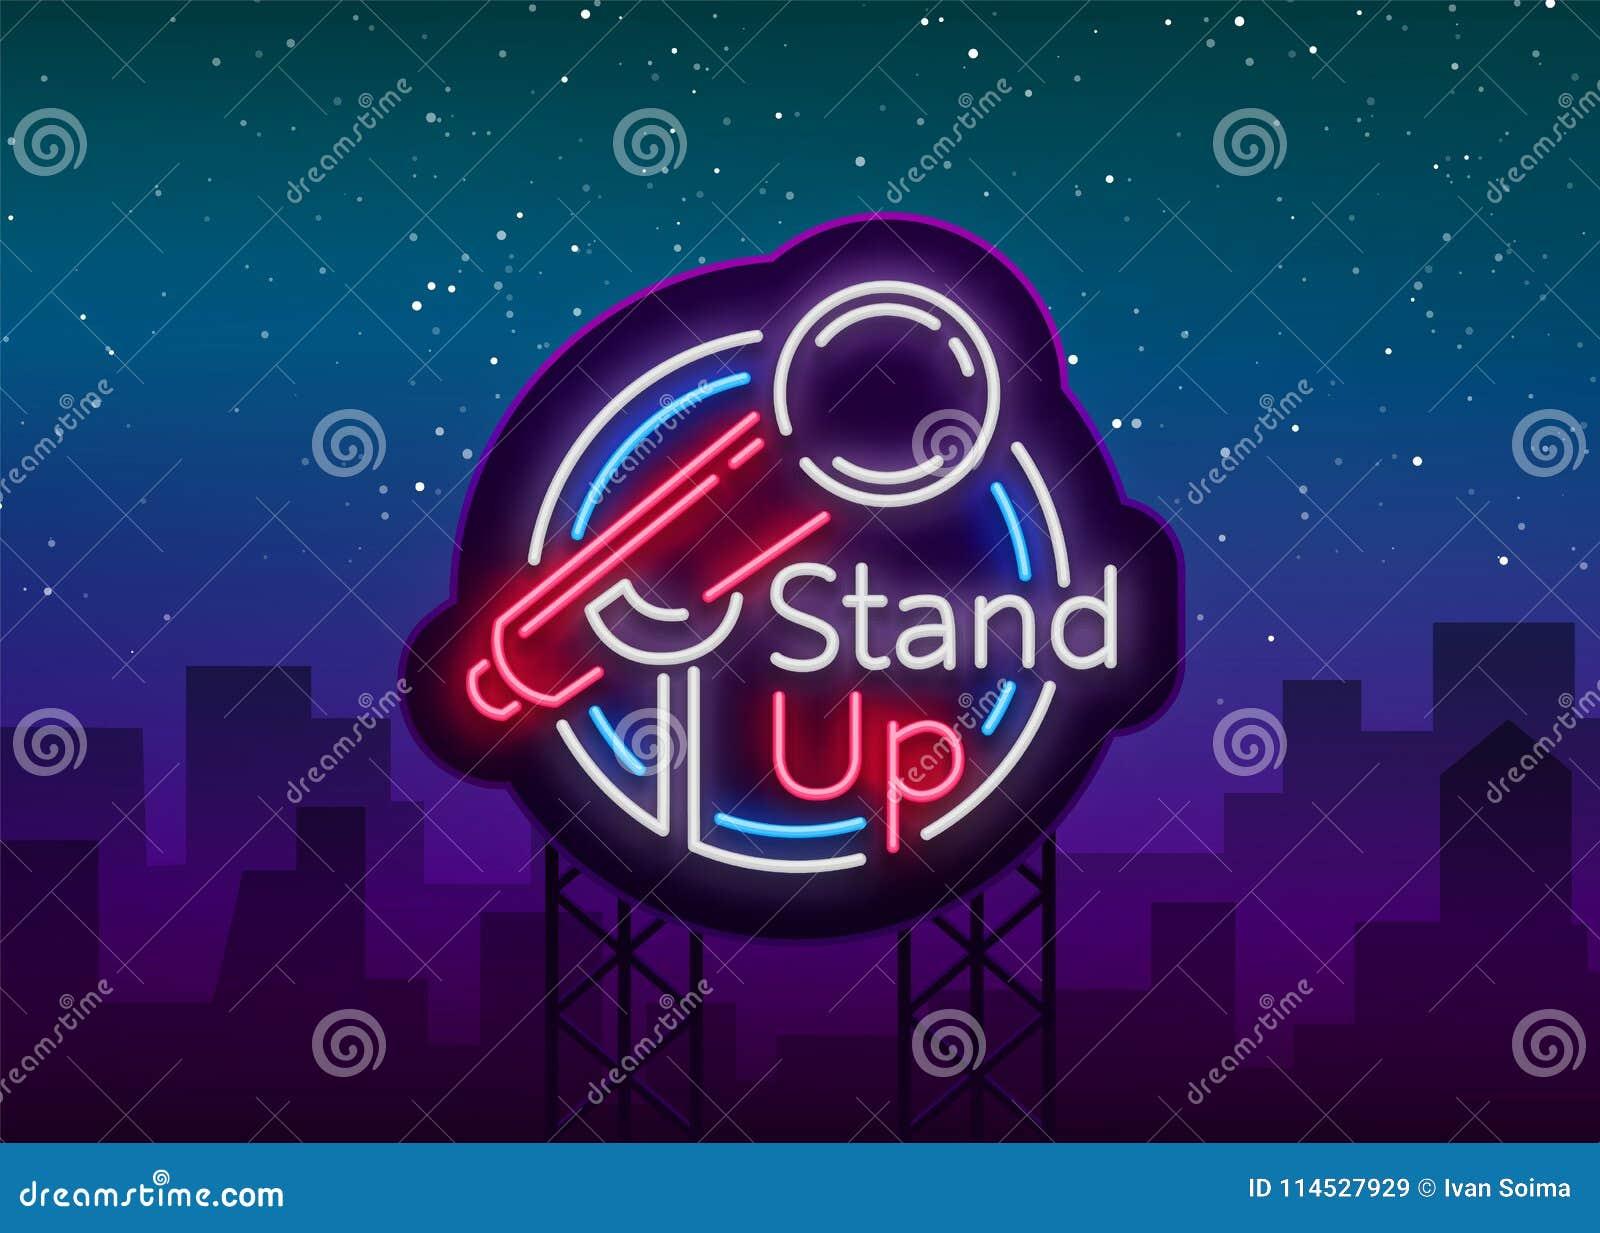 Stehen Sie oben Komödie ist eine Leuchtreklame Neonlogo, Symbol, helle leuchtende Fahne, Neon-Ähnliches Plakat, helle Nachtzeit